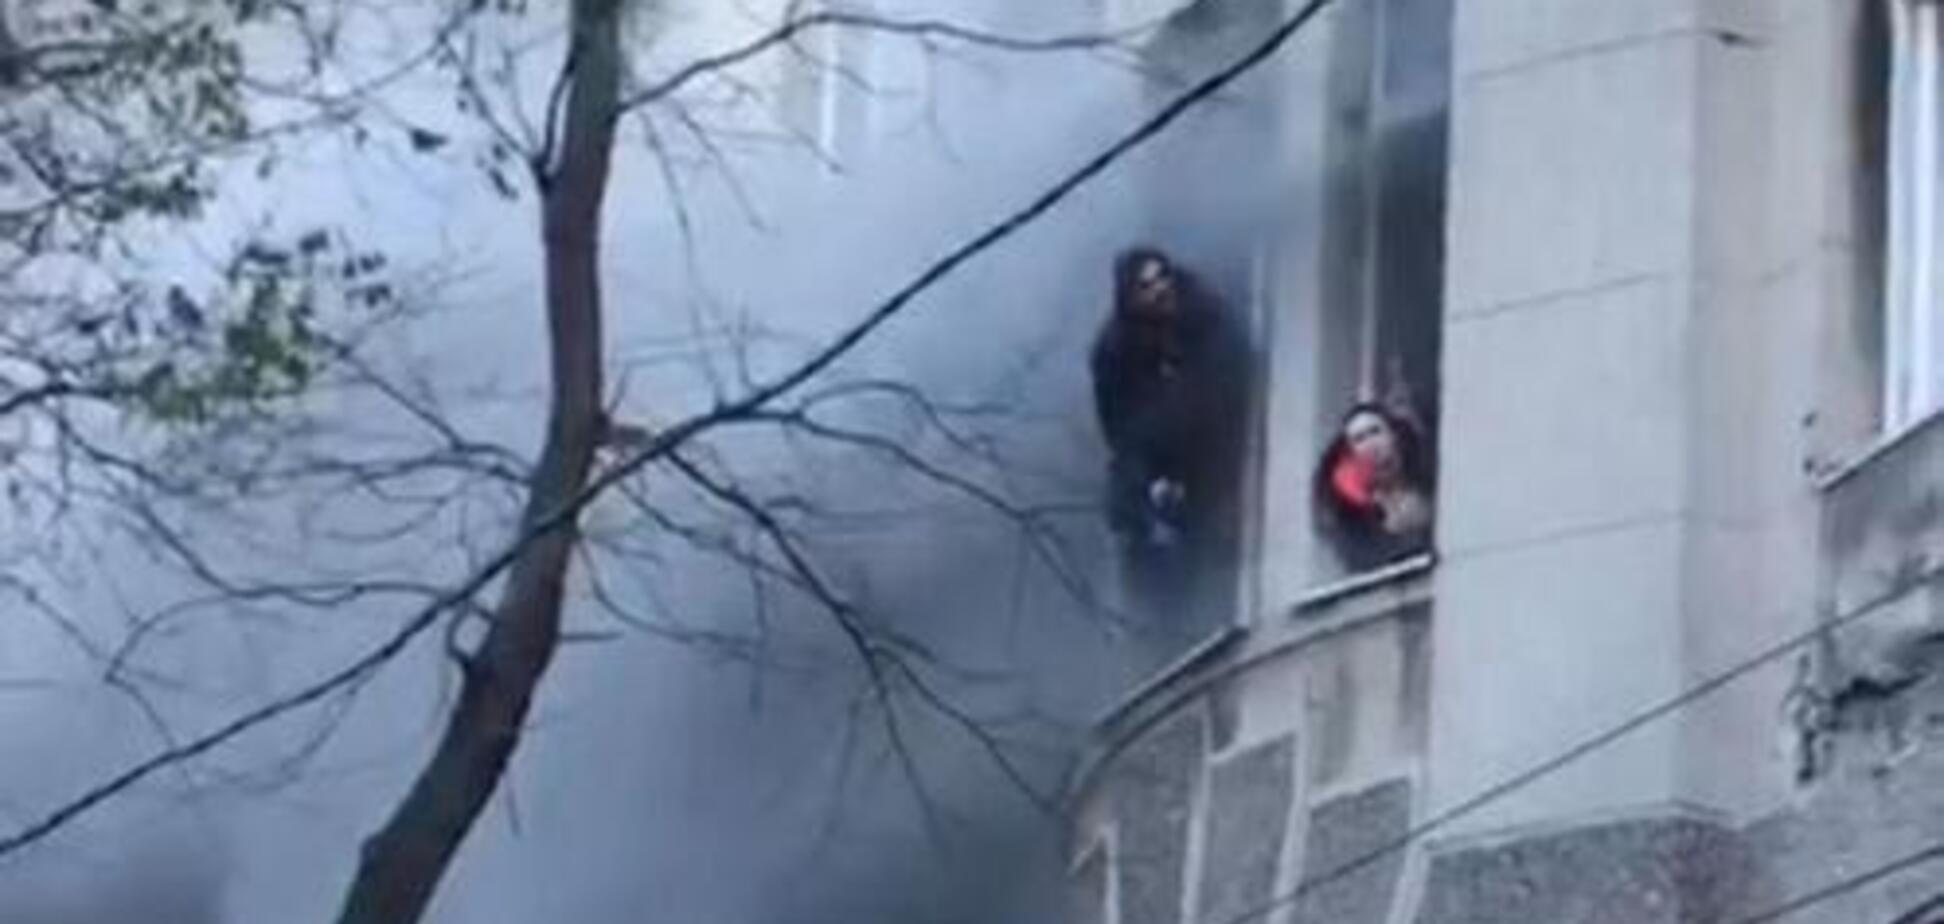 Пожар в Одессе: появились жуткие кадры 18+из колледжа